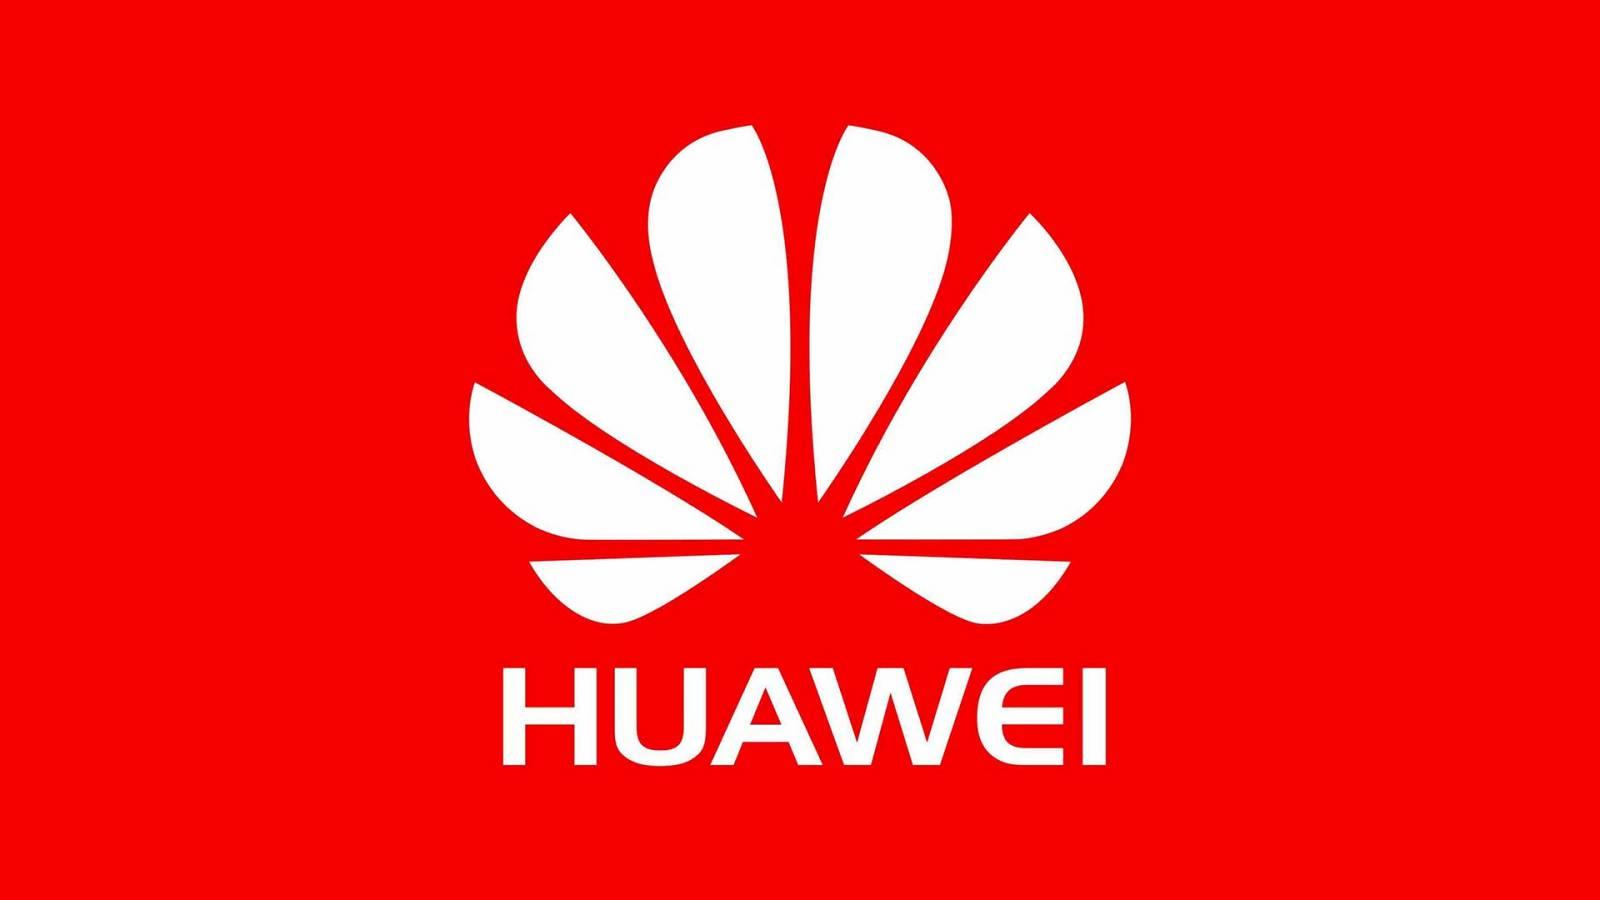 huawei presedinte apple